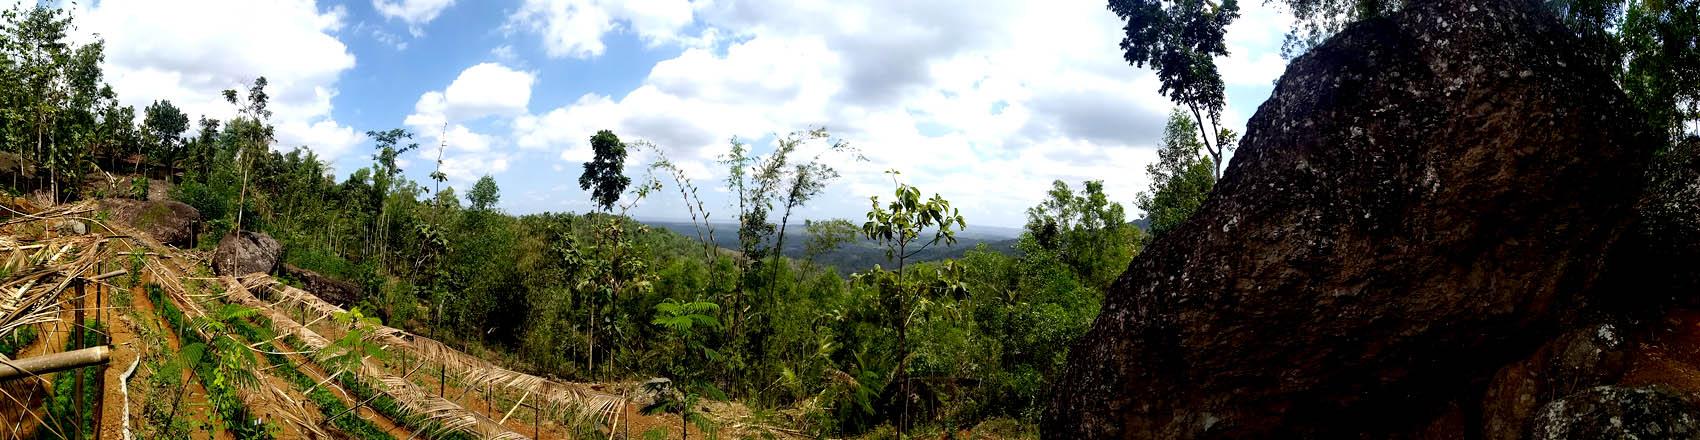 Lahan tempat Karang Taruna Dusun Glompong melaksanakan pembiakan tanaman.[Foto:NR]